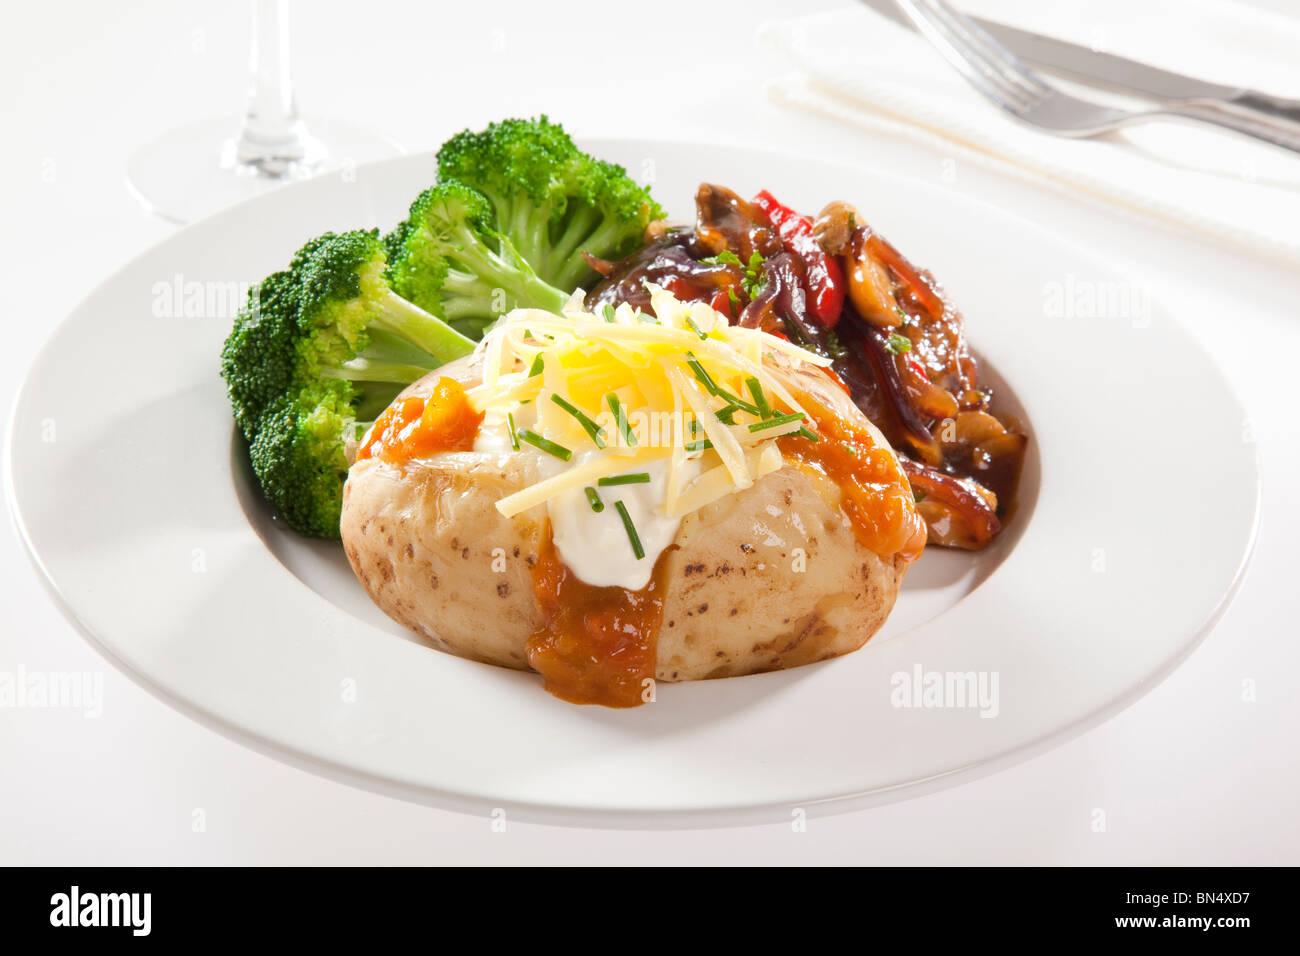 Patate al forno con bistecca e broccoli Immagini Stock